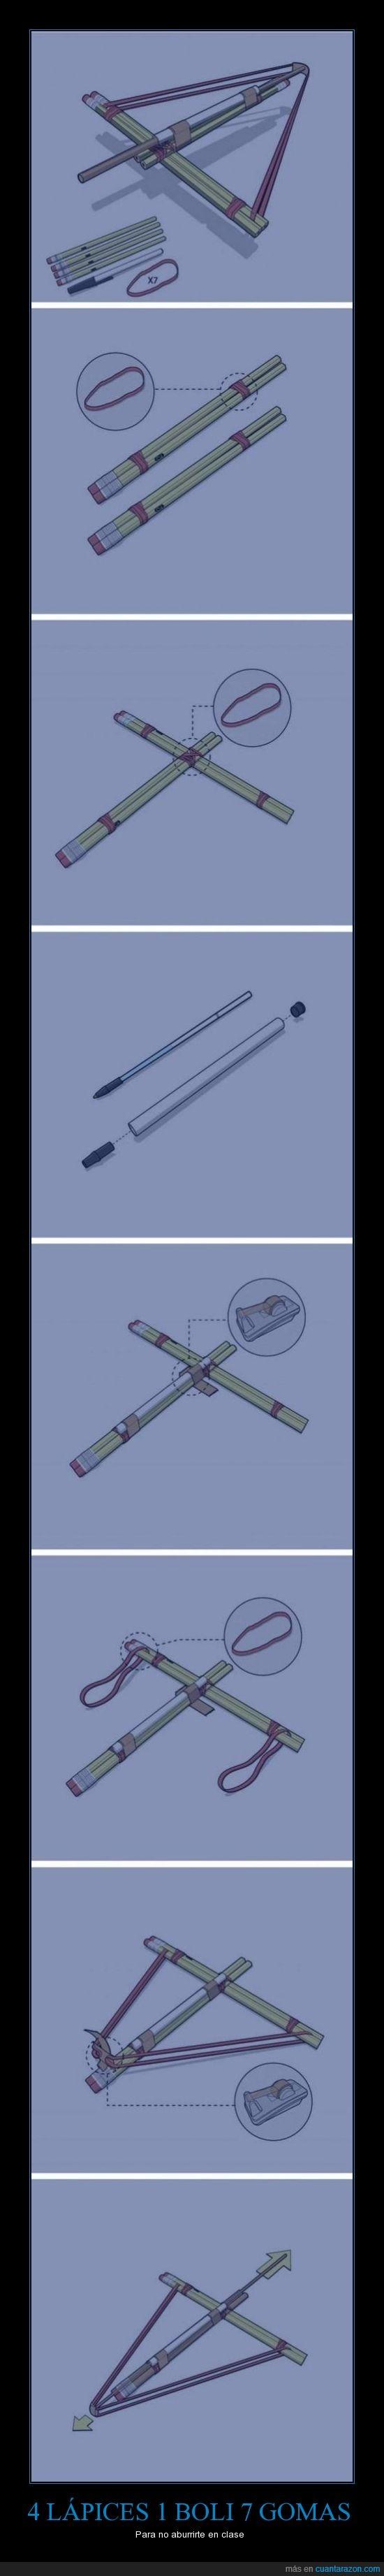 boli,gomas,lapiz,mecanismo,tirachinas